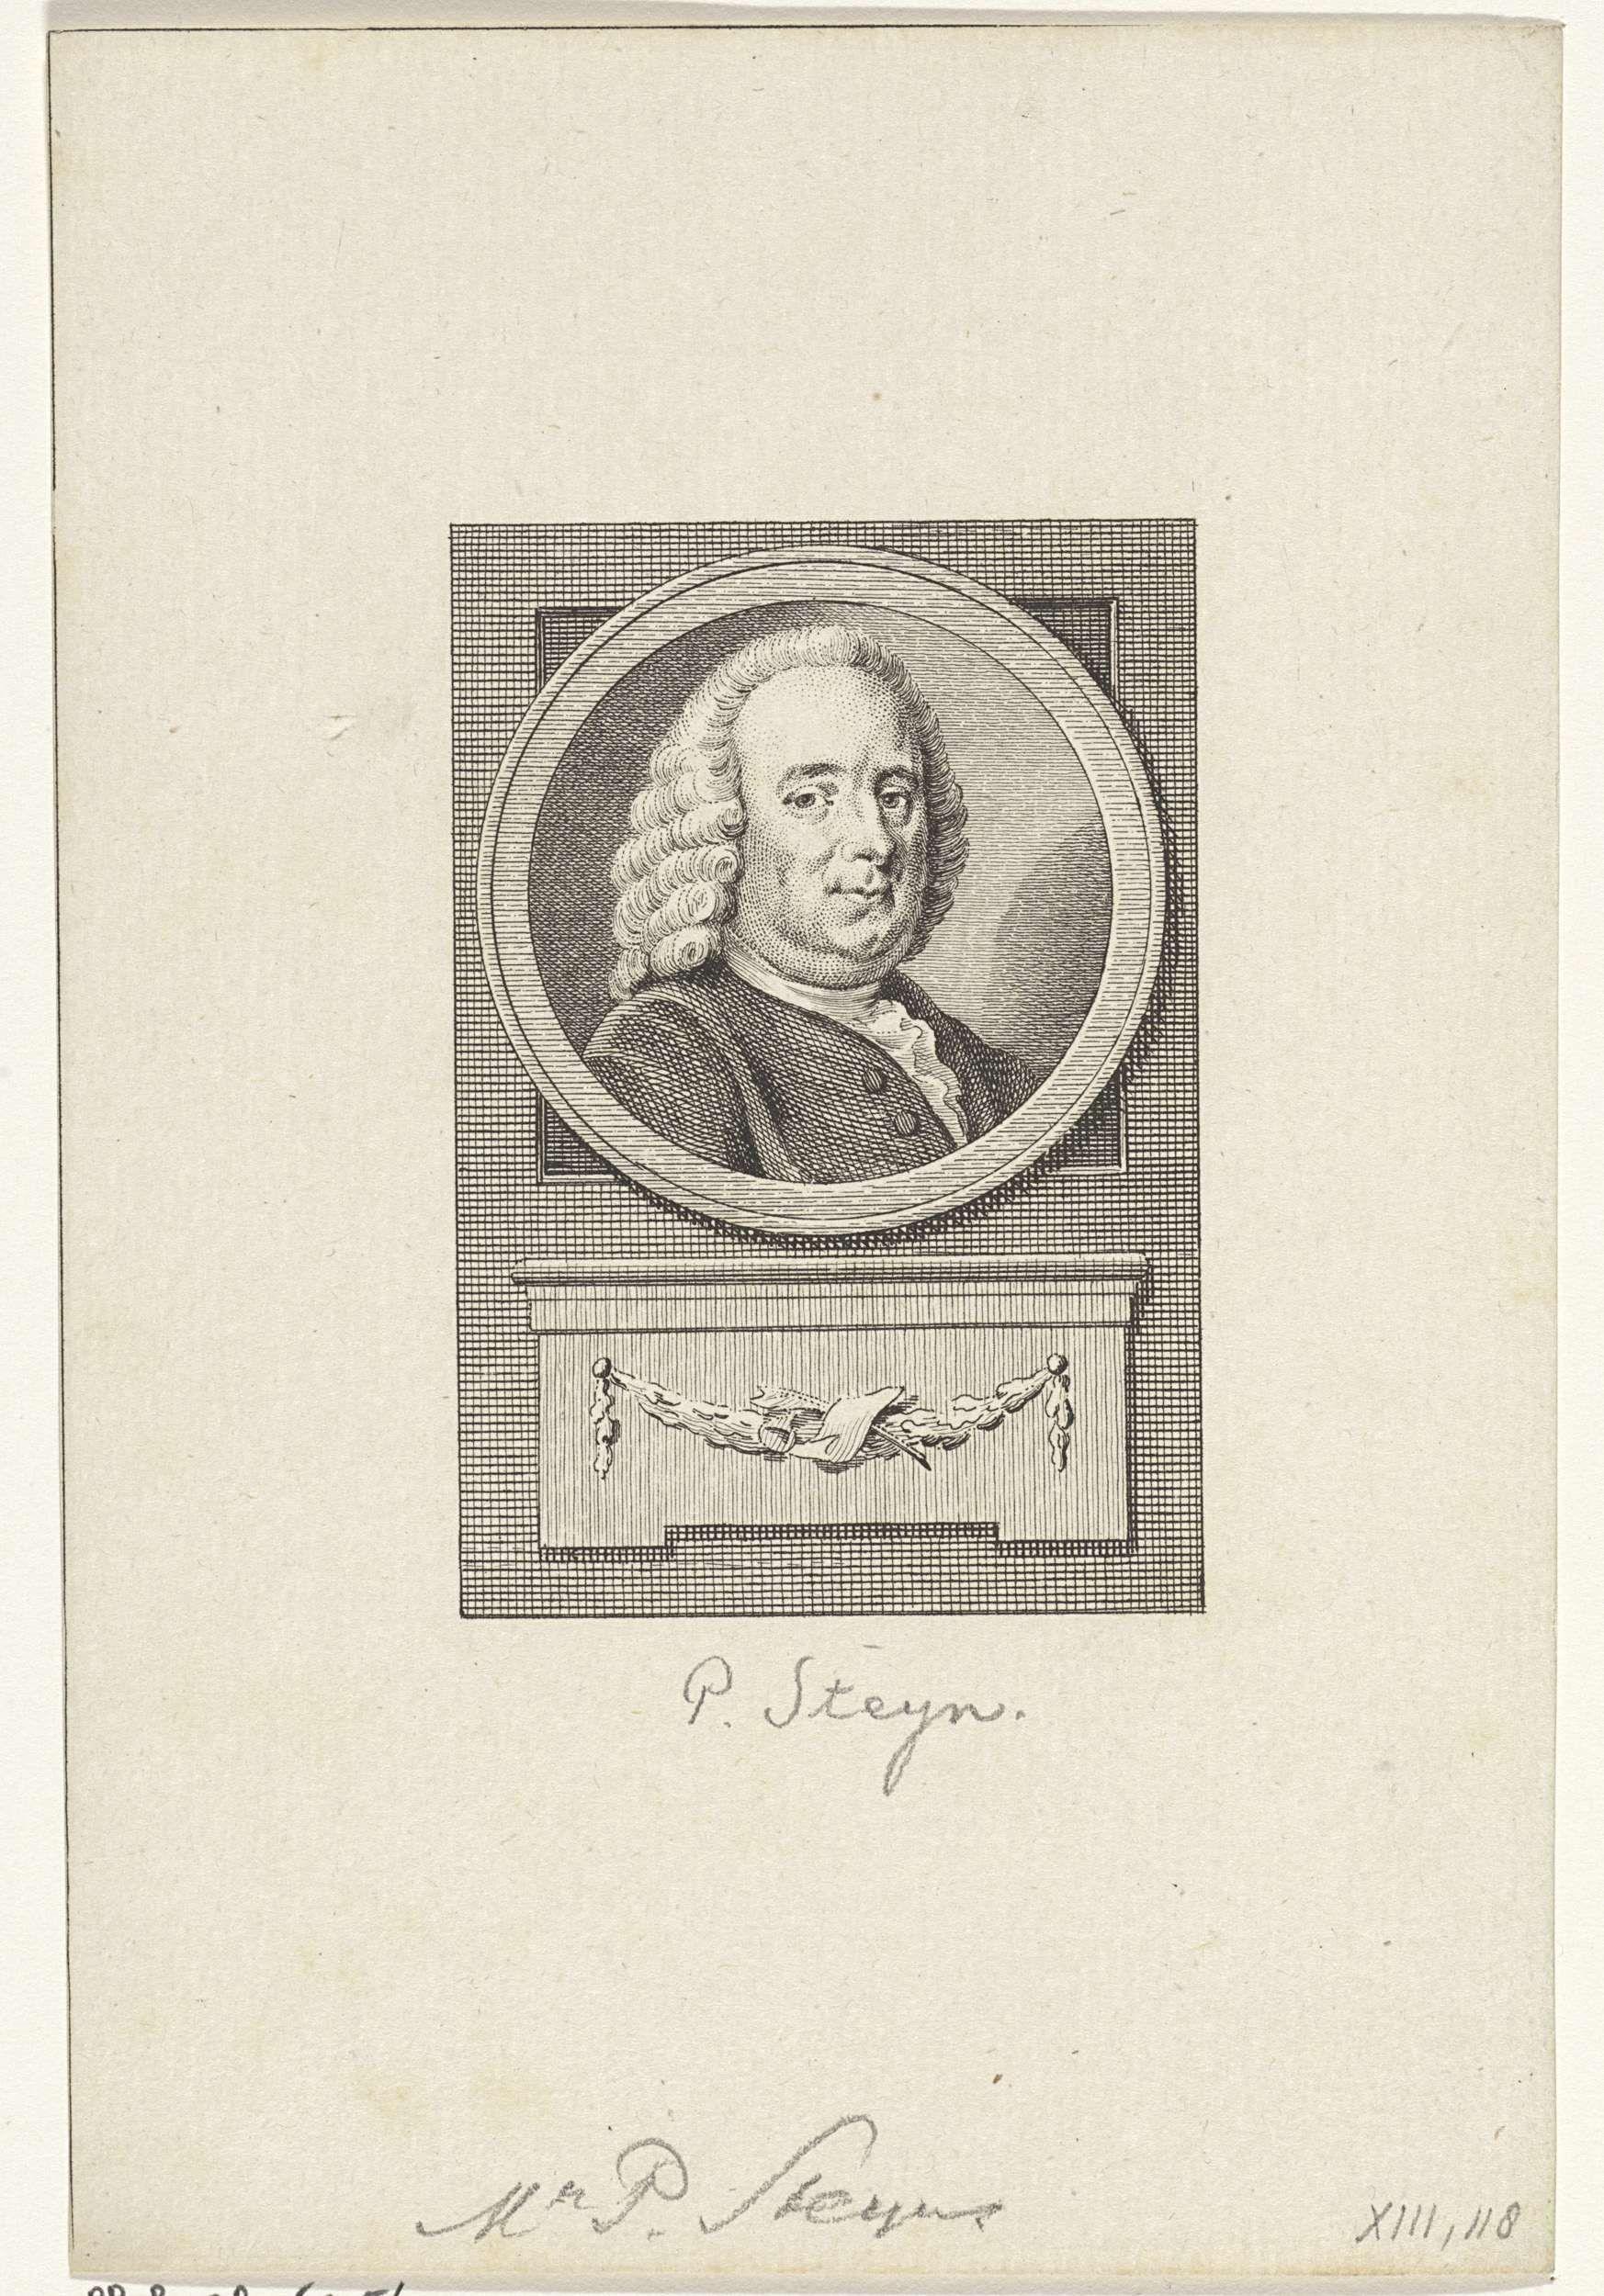 Reinier Vinkeles   Portret van Pieter Steijn, Reinier Vinkeles, Cornelis Bogerts, Jacobus Buys, 1783 - 1795   Portret van Pieter Steijn, raadpensionaris van Holland.